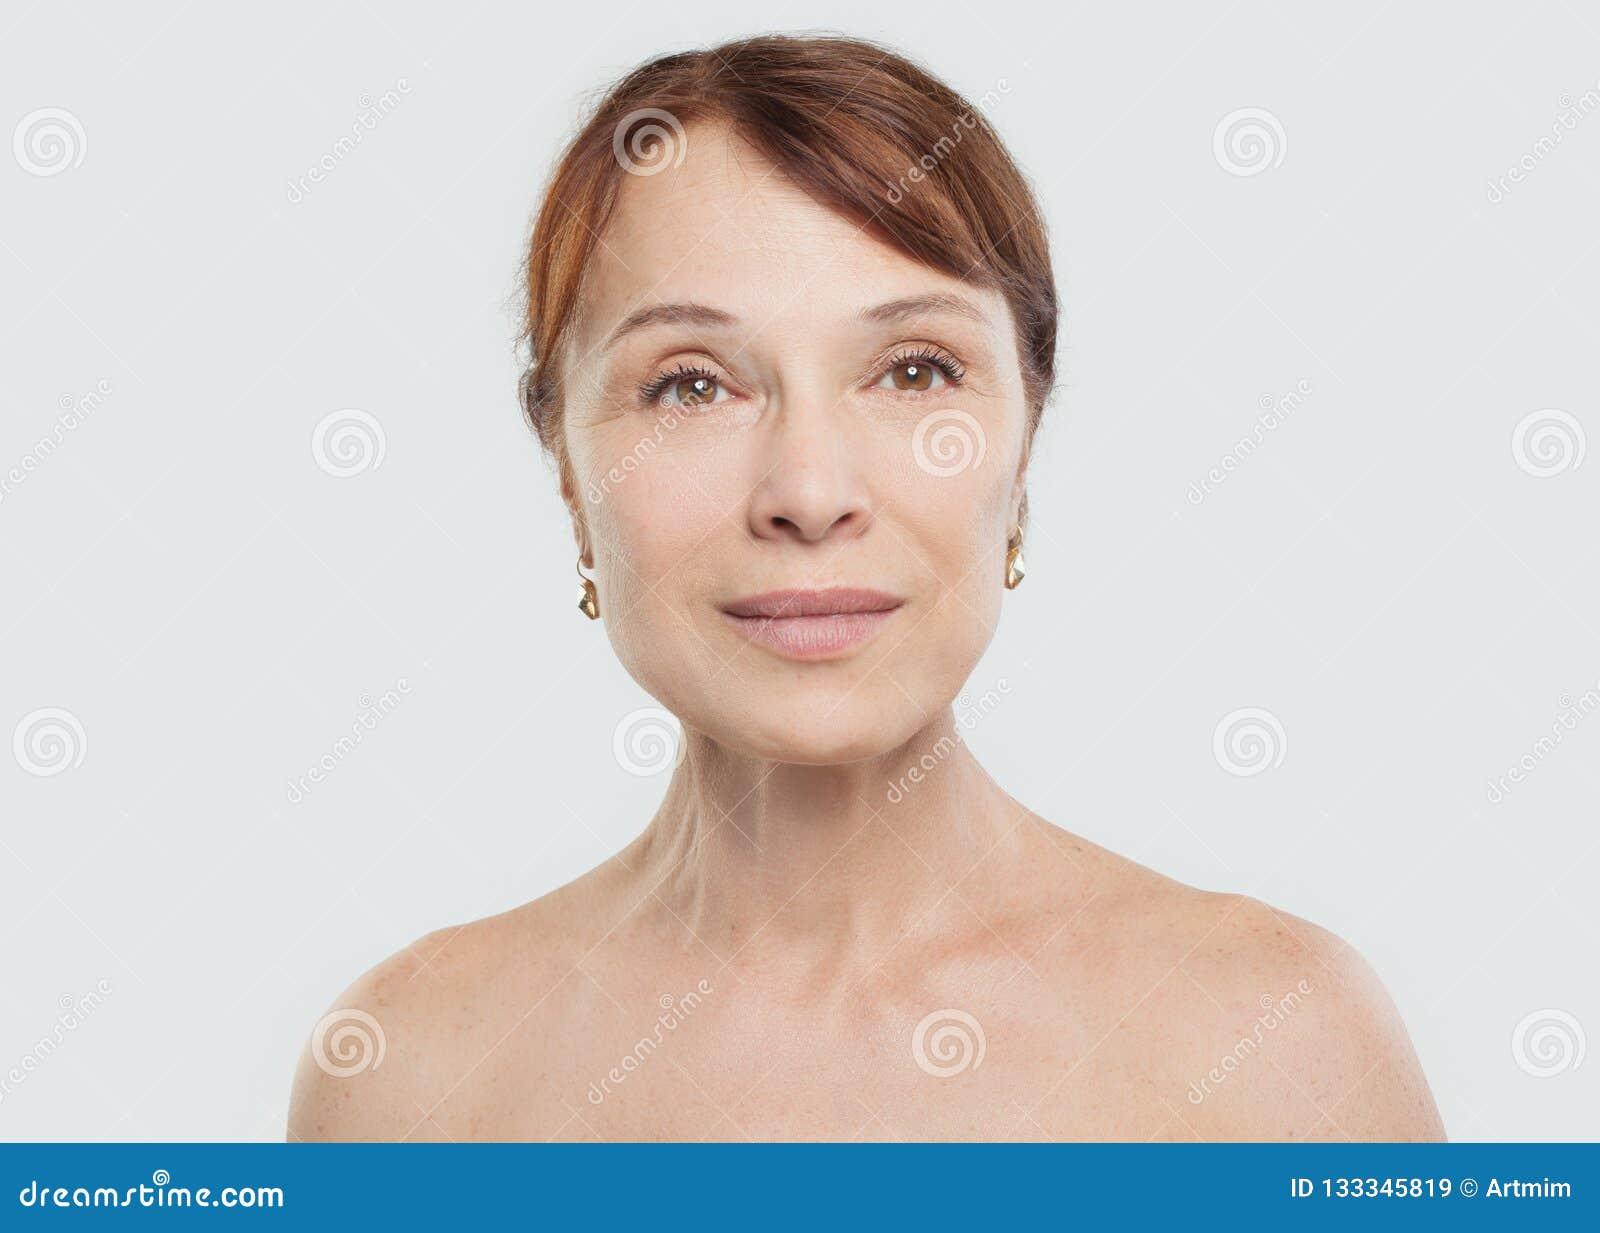 Fälliges Frauenlächeln Schönes mittleres erwachsenes weibliches Gesicht